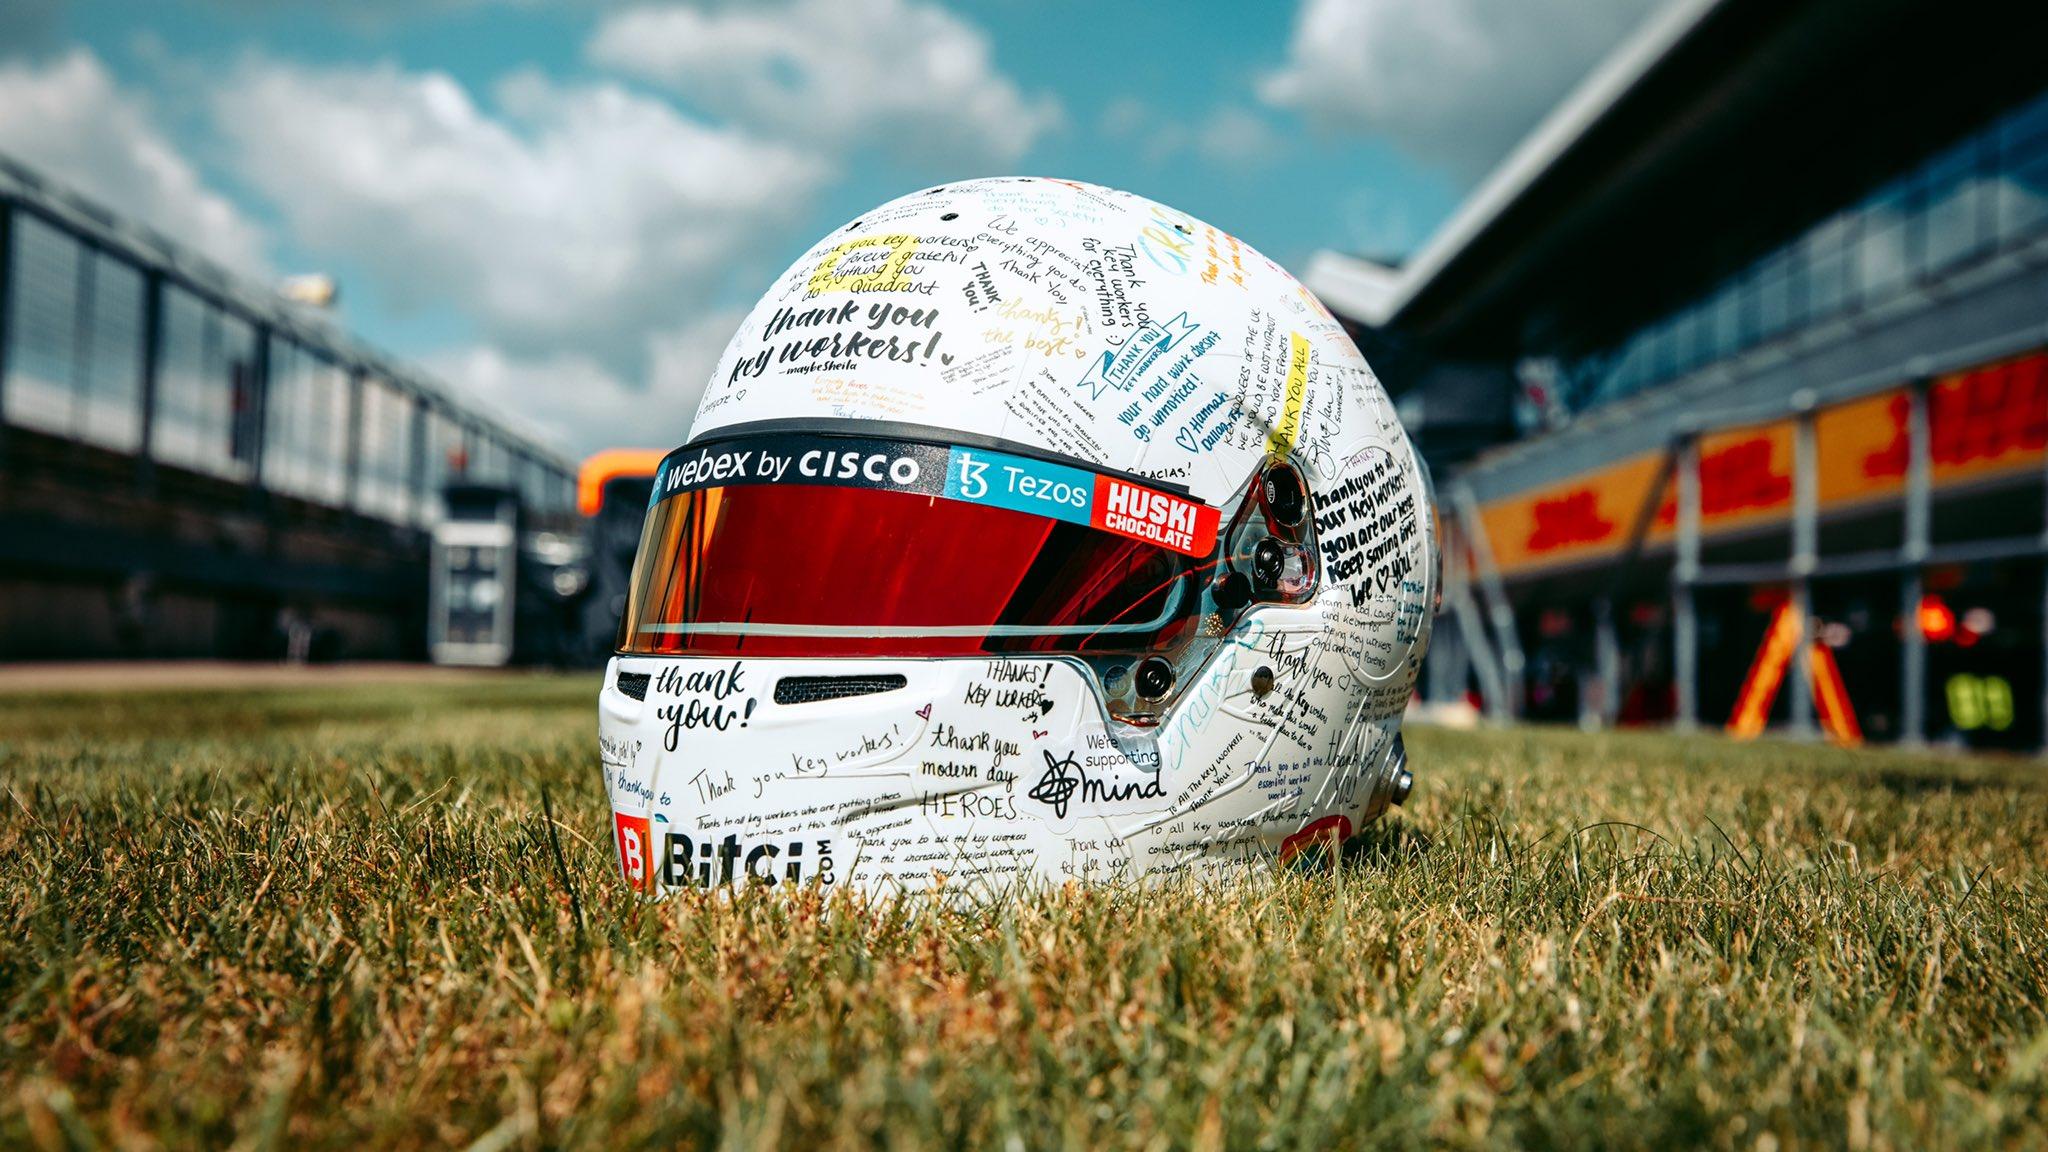 Lando Norris' 2021 British Grand Prix helmet